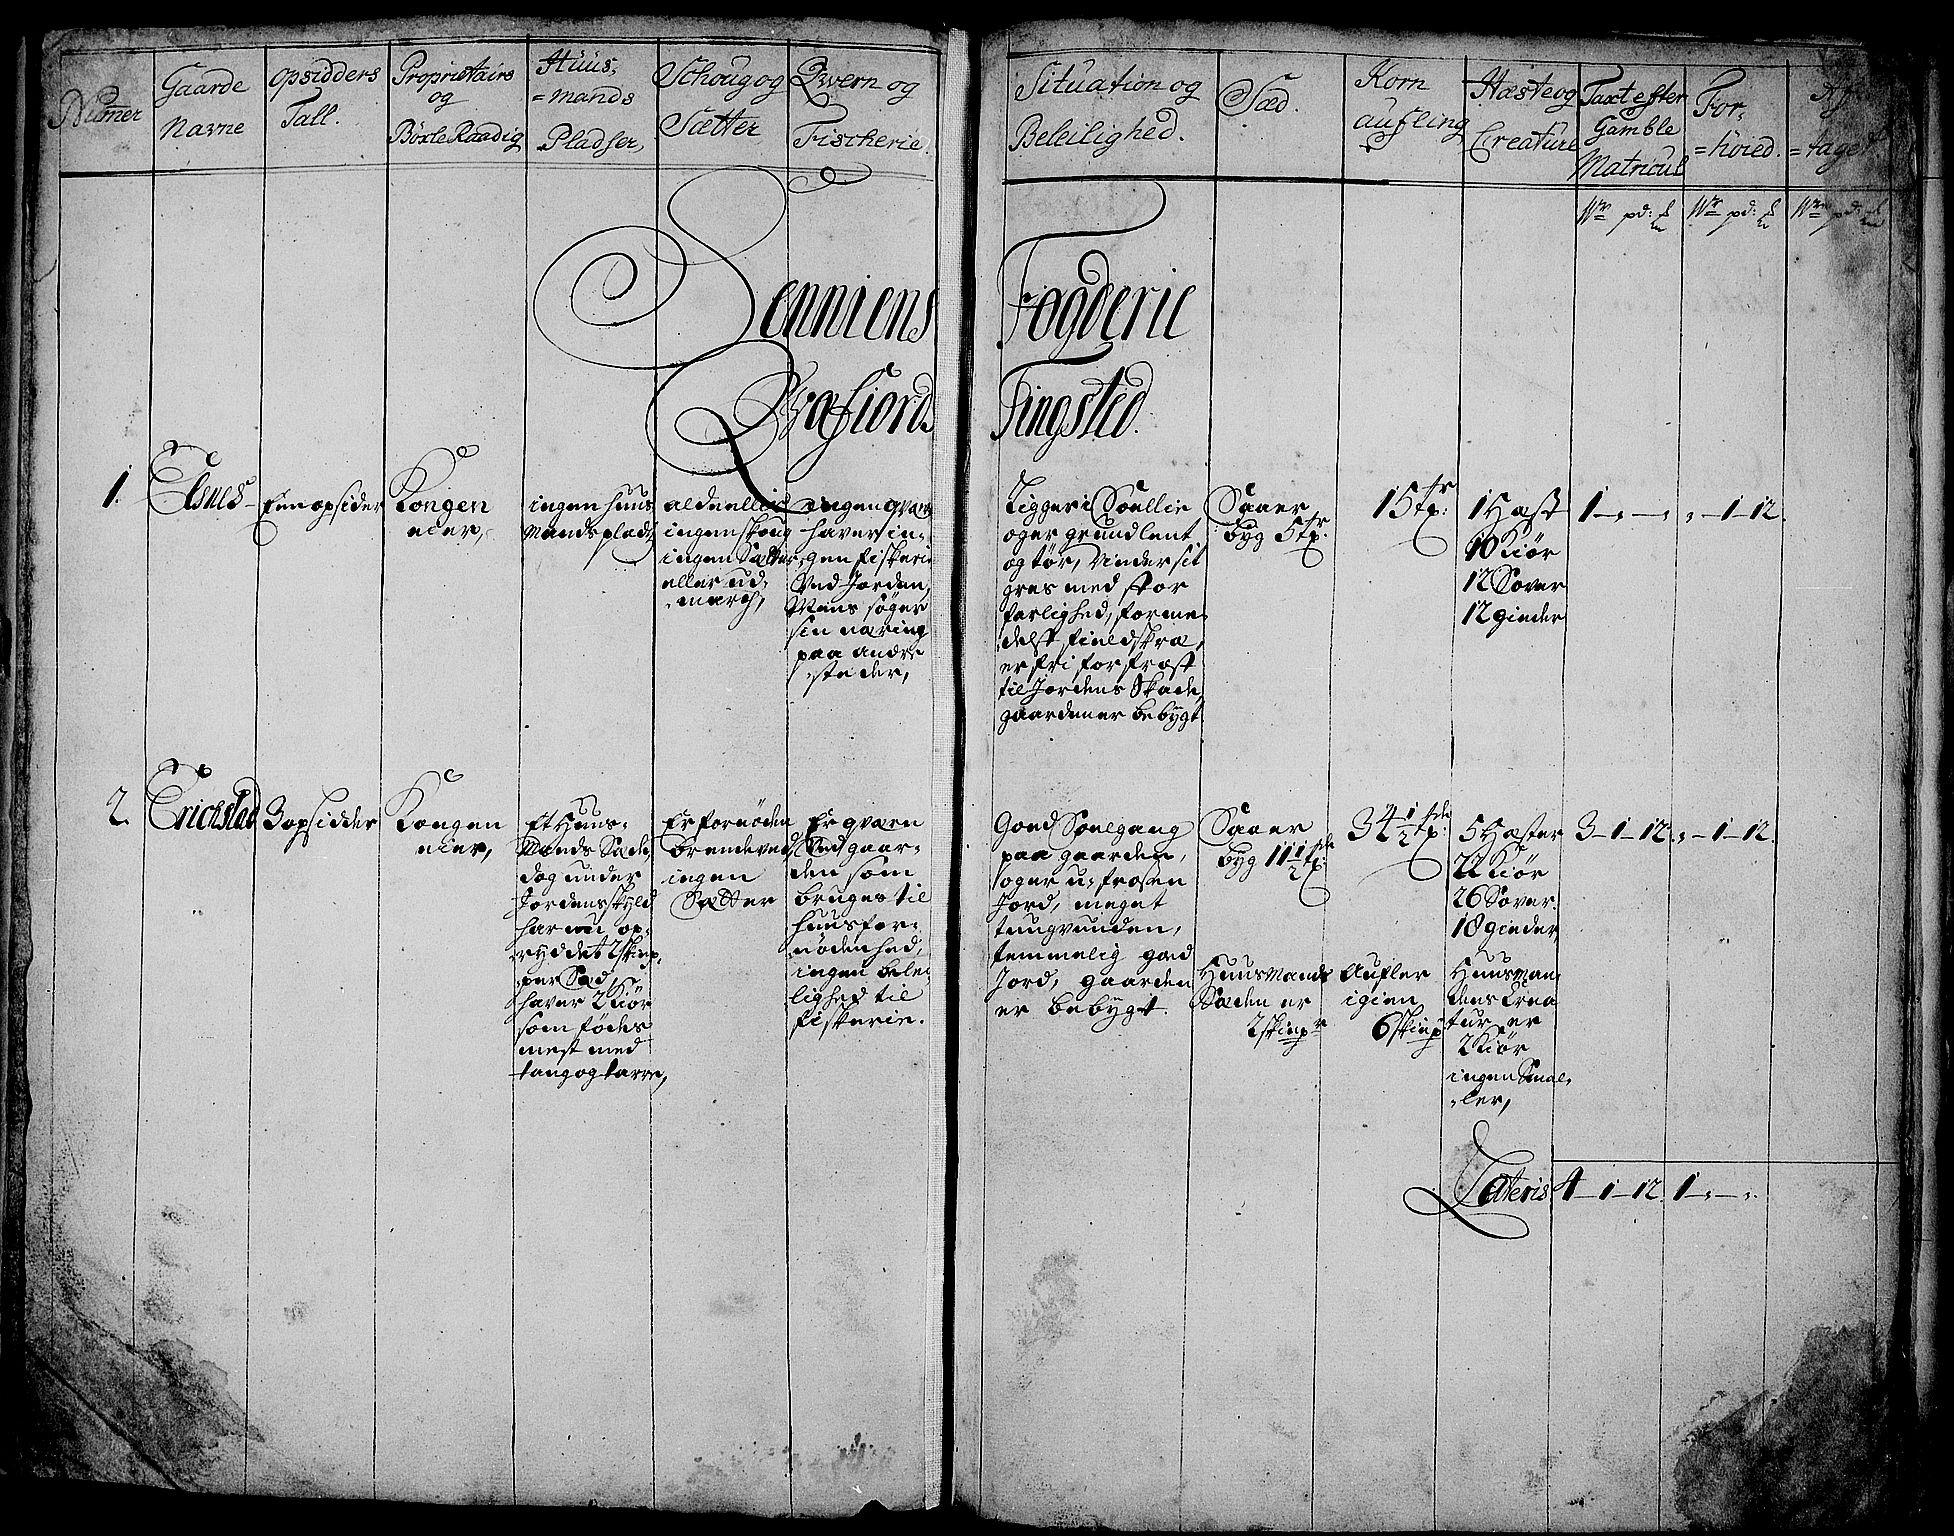 RA, Rentekammeret inntil 1814, Realistisk ordnet avdeling, N/Nb/Nbf/L0178: Senja eksaminasjonsprotokoll, 1723, s. 1b-2a